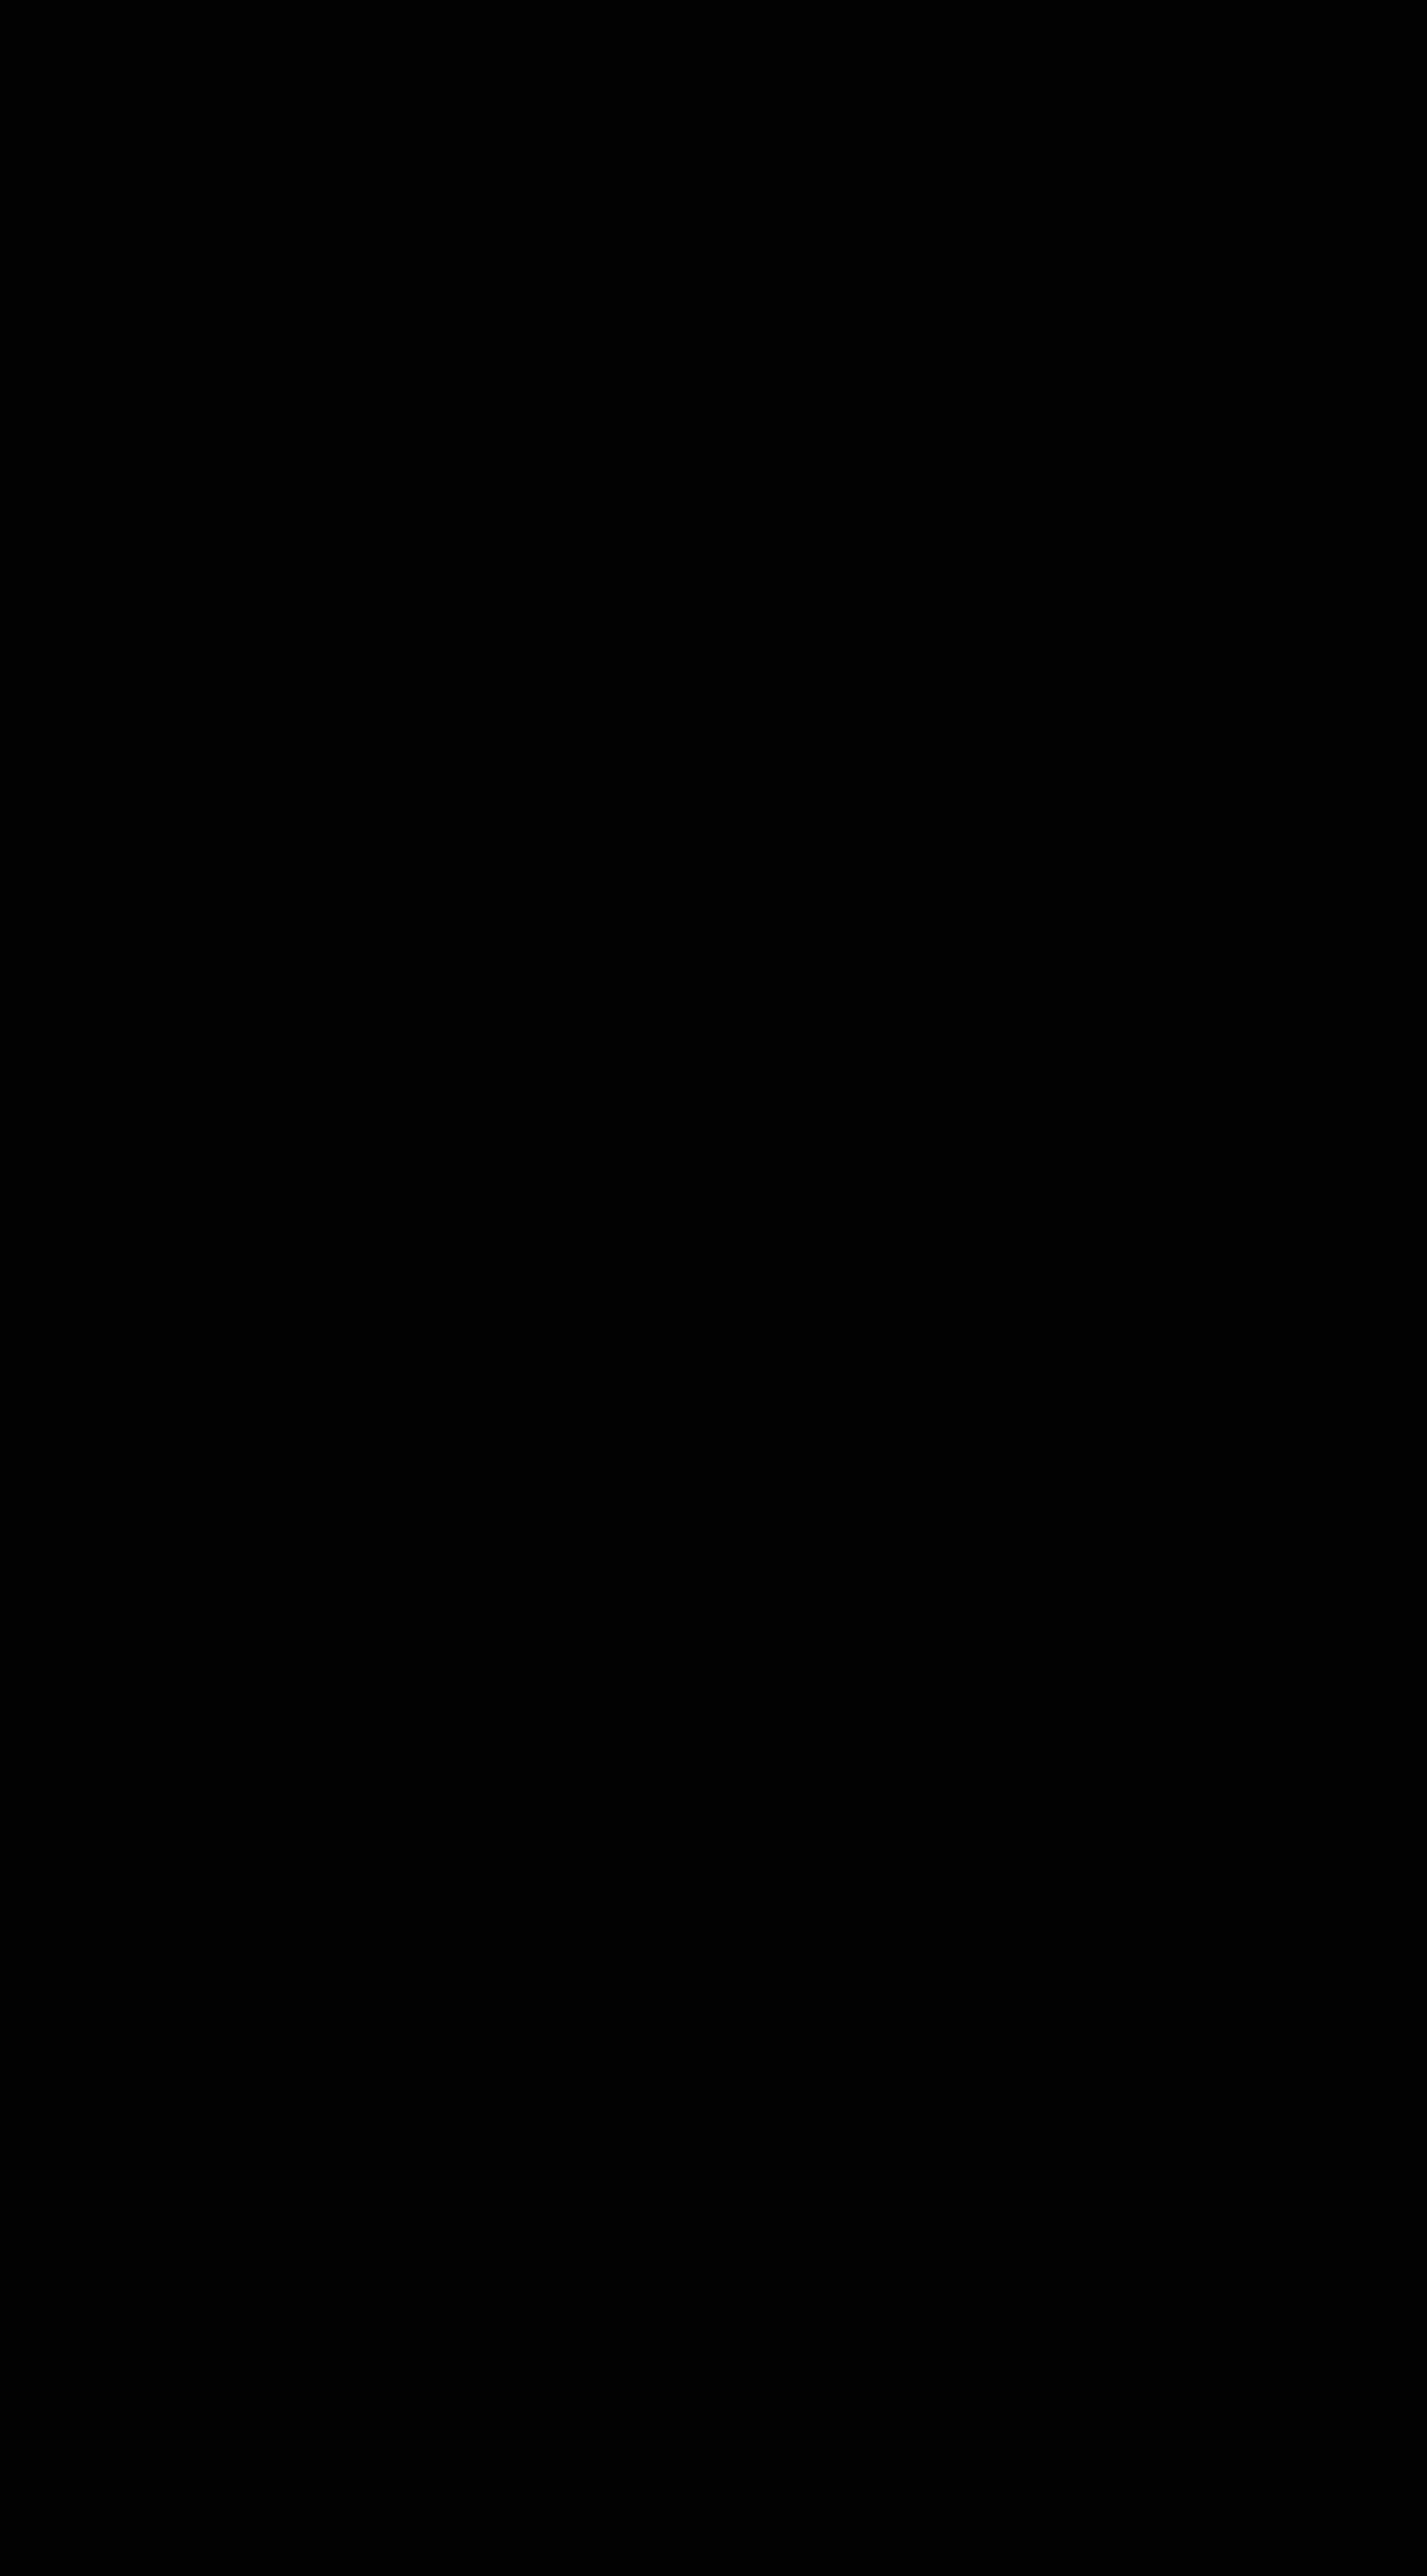 香港地產代理 Estate Agent : 好景地產 @青年創業軍